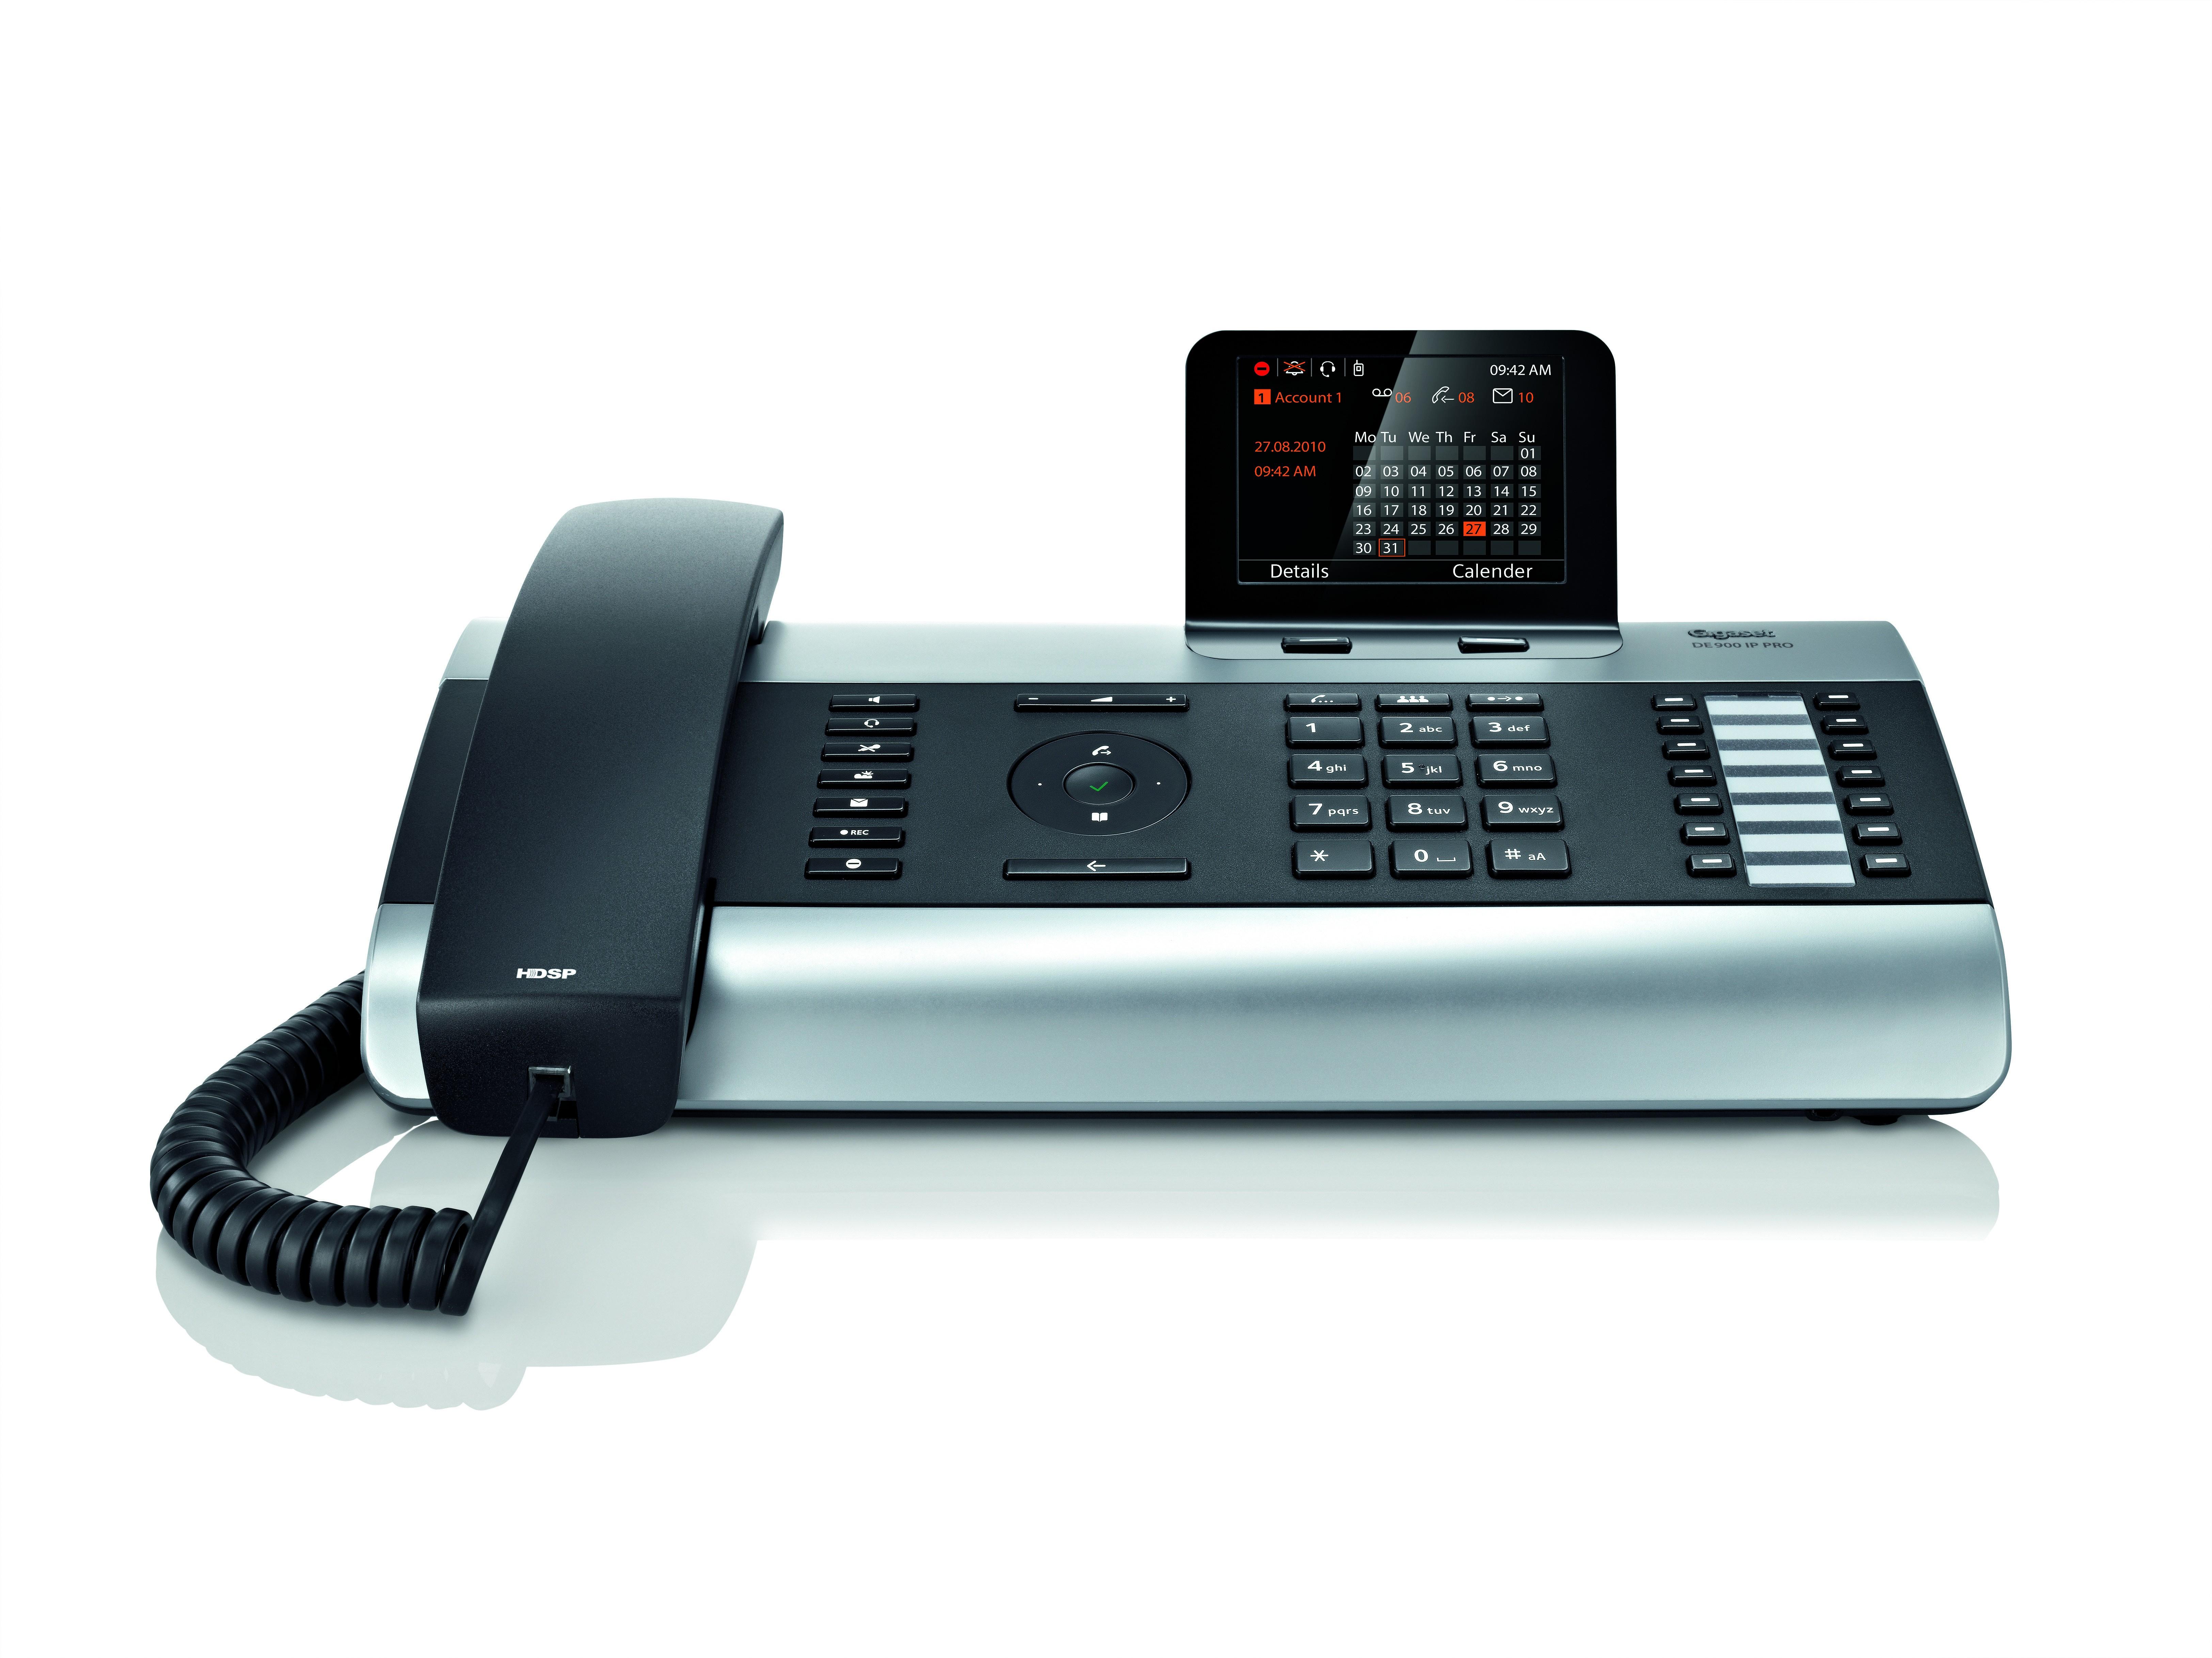 Gigaset DE900 Pro IP Phone